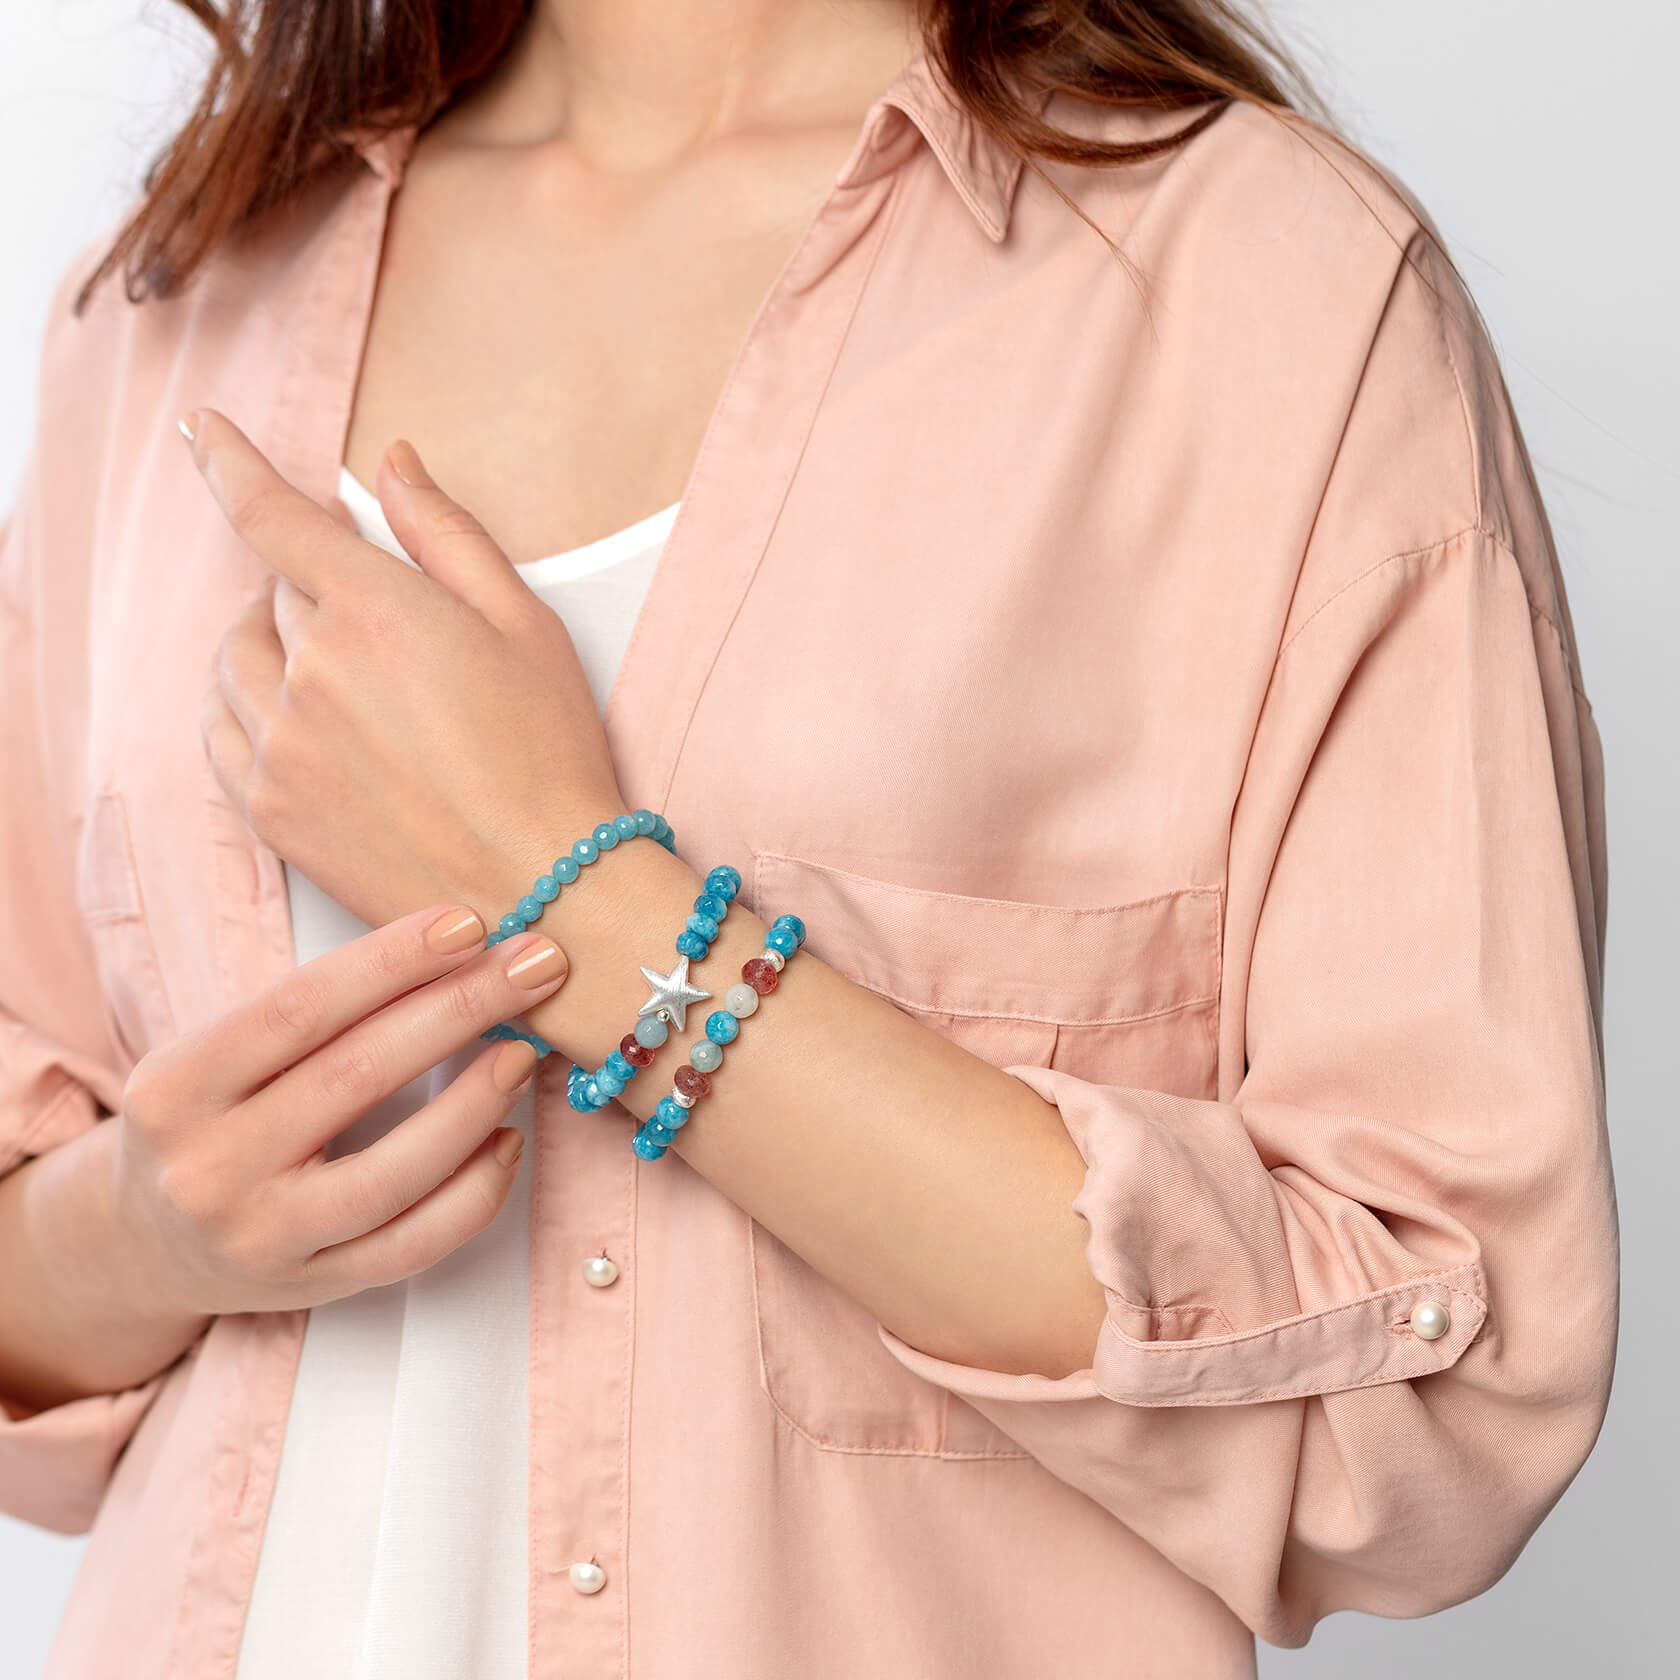 Donuth blue Capri bracelet with silver